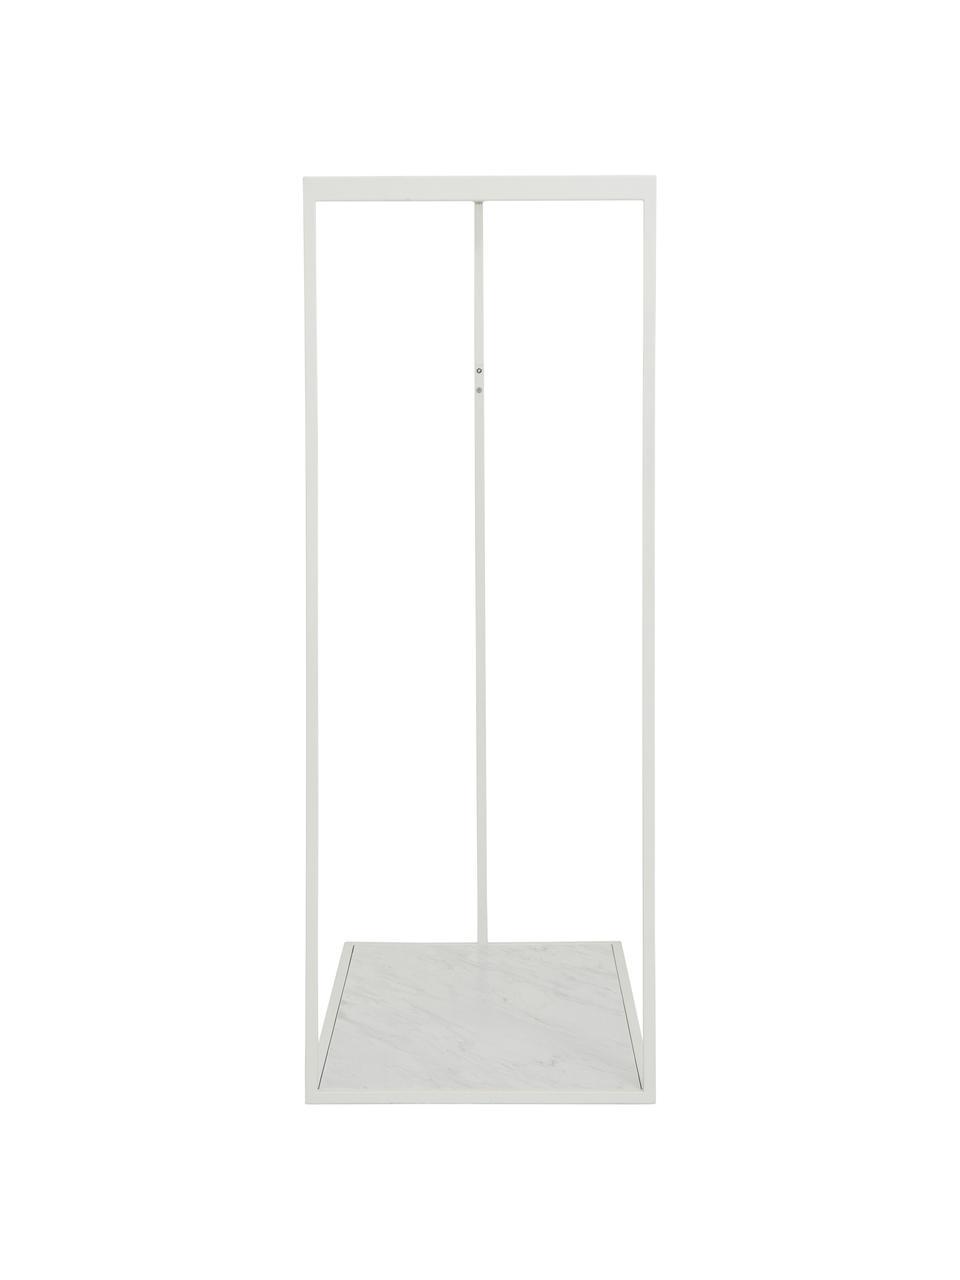 Kleiderstange Pacey mit Marmor-Optik, Gestell: Metall, pulverbeschichtet, Ablage: Mitteldichte Holzfaserpla, Weiß, 120 x 152 cm